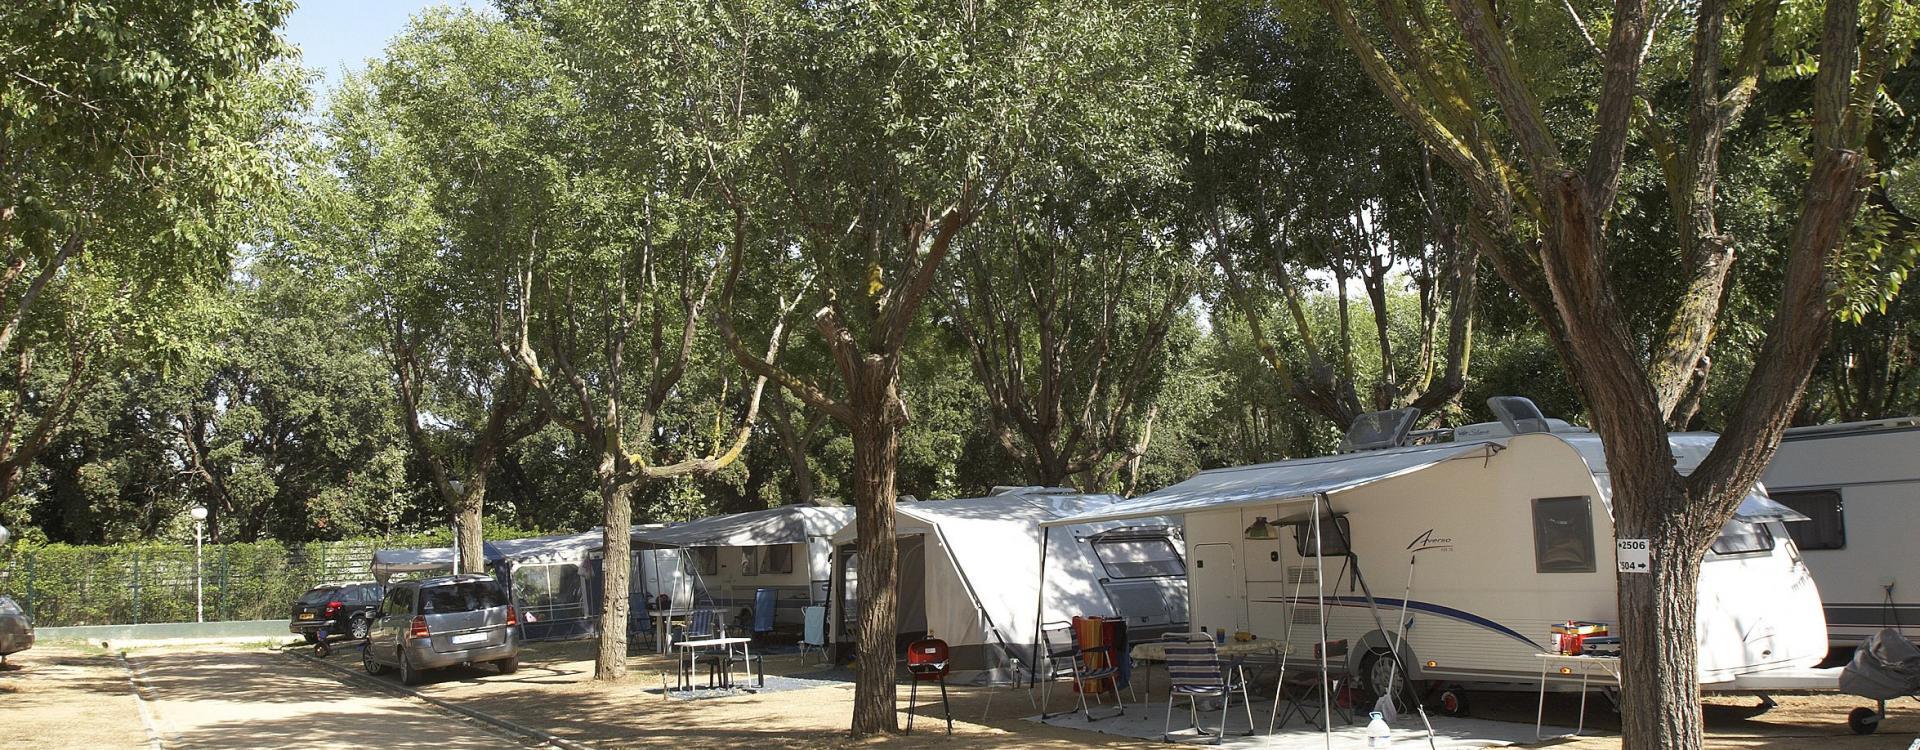 Terrains en Camping Valldaro Espagne